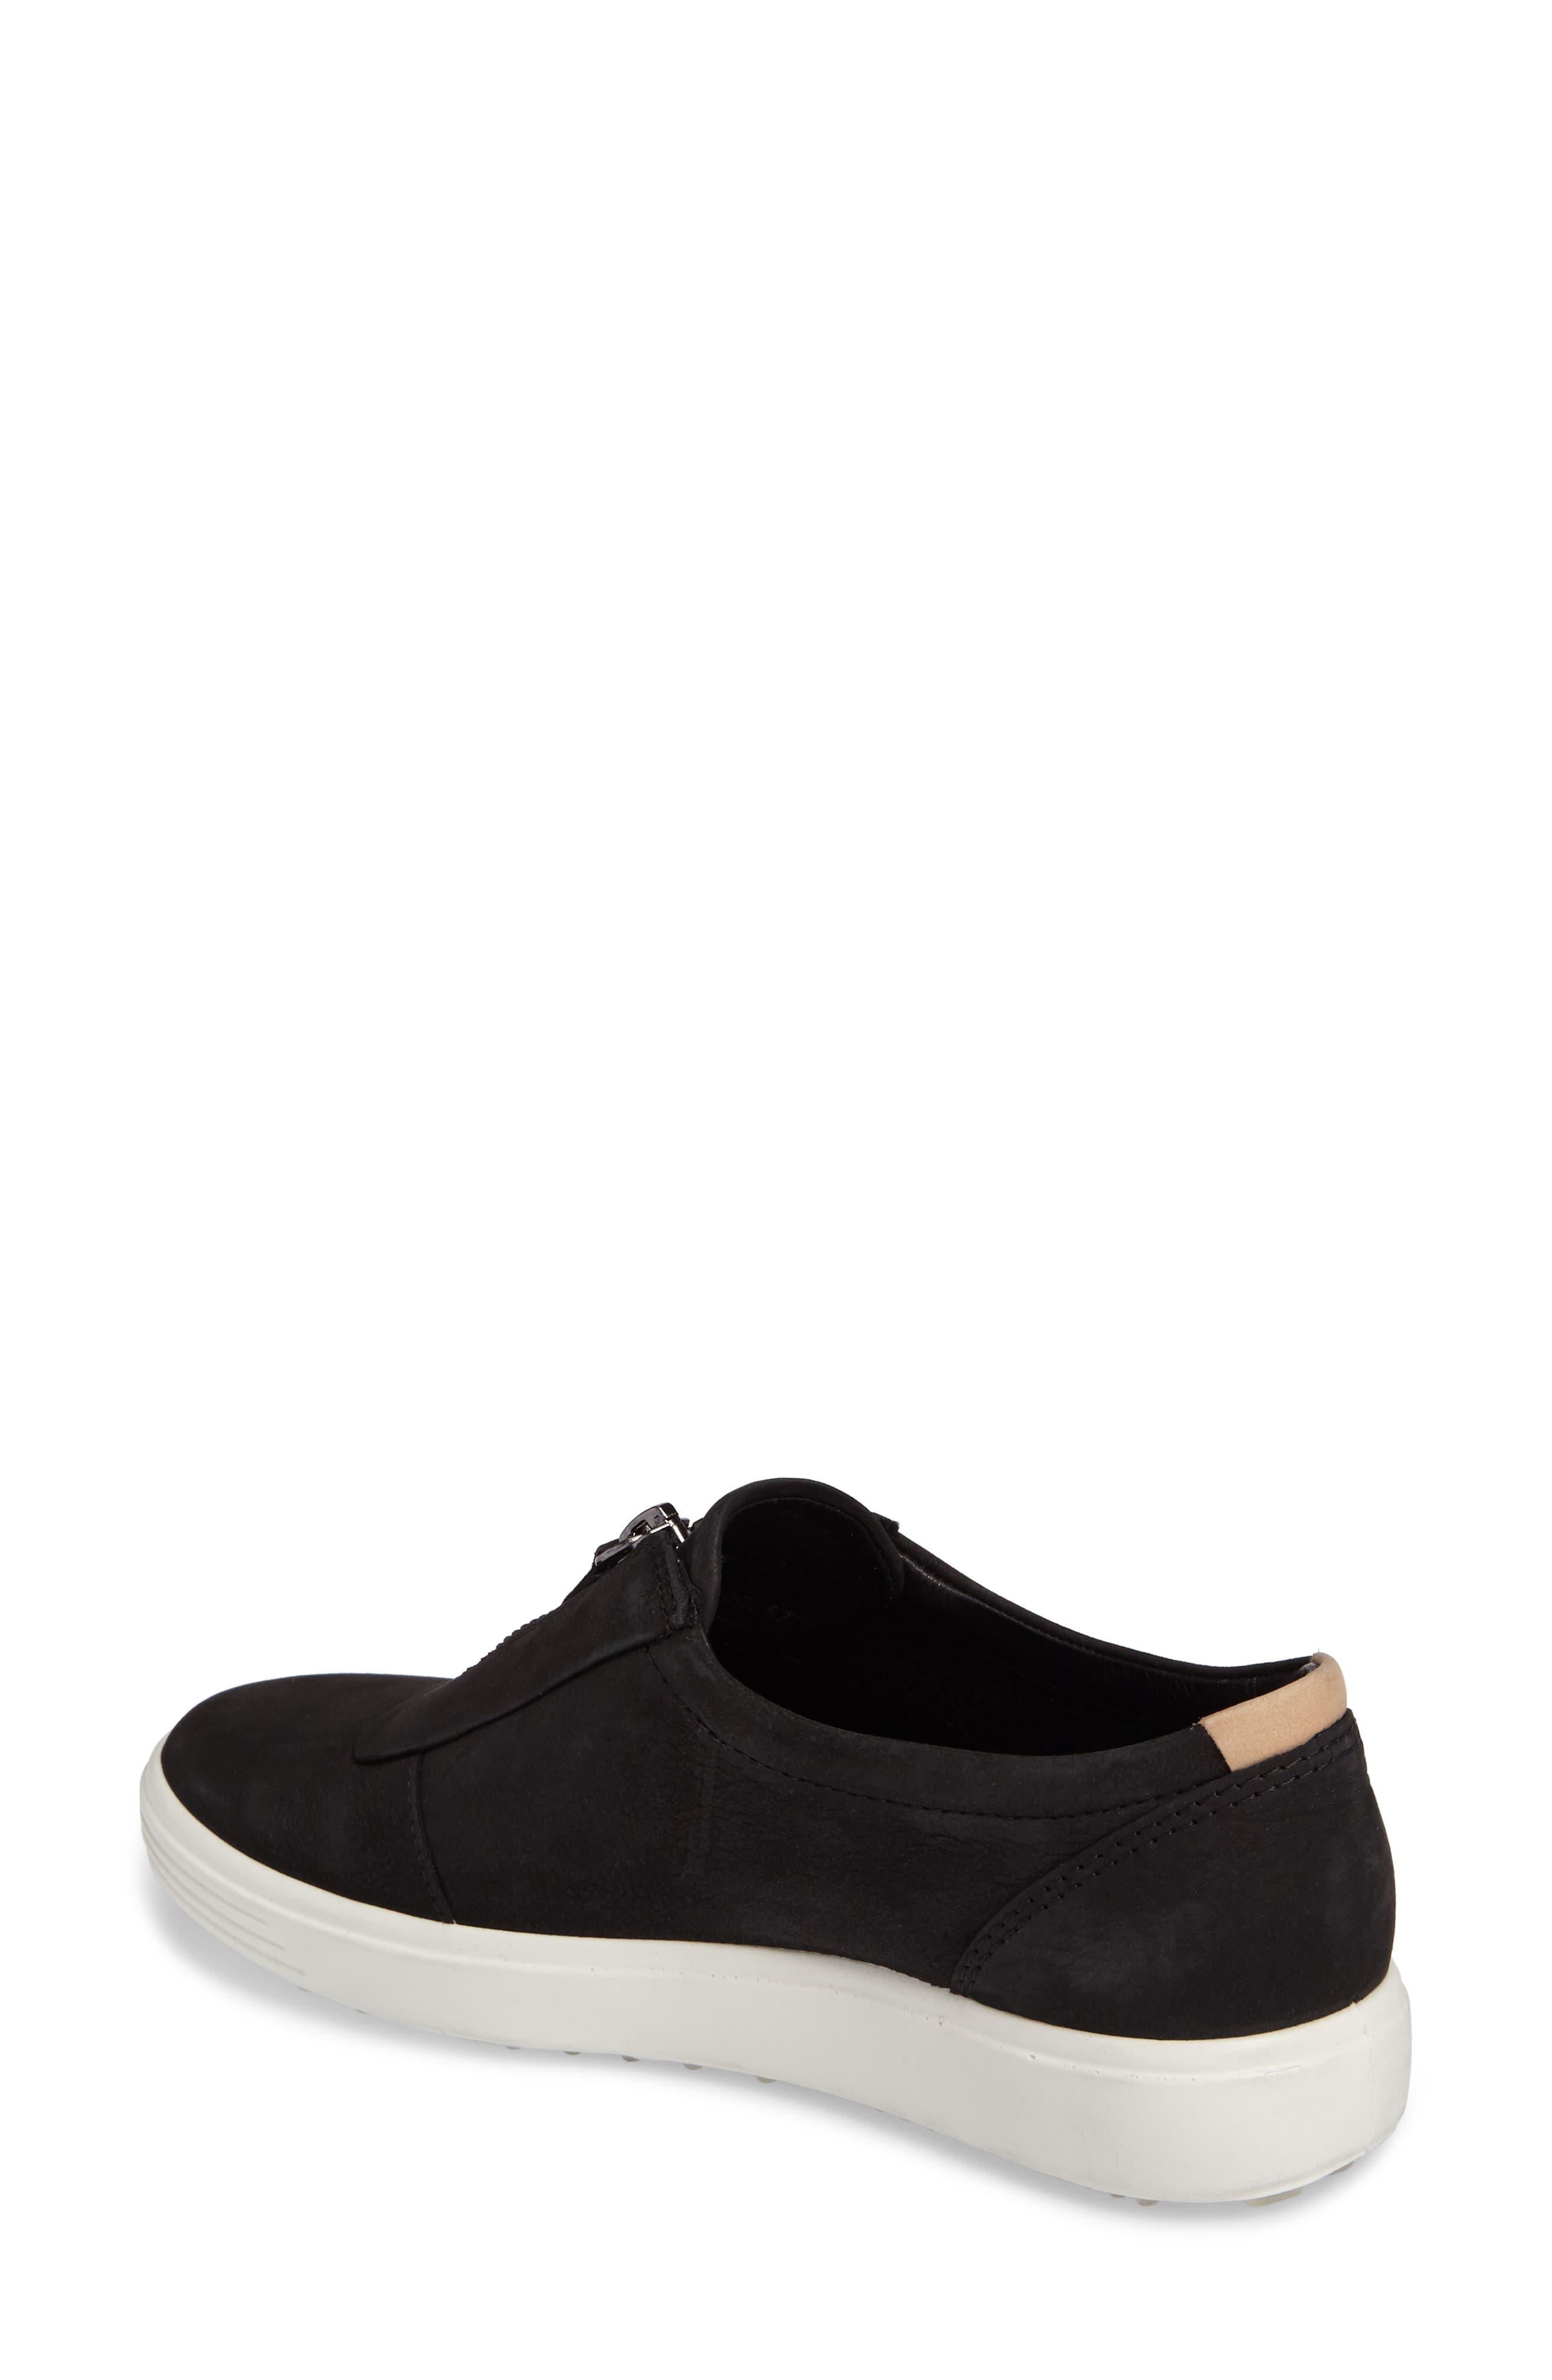 Alternate Image 2  - ECCO Soft 7 Slip-On Sneaker (Women)